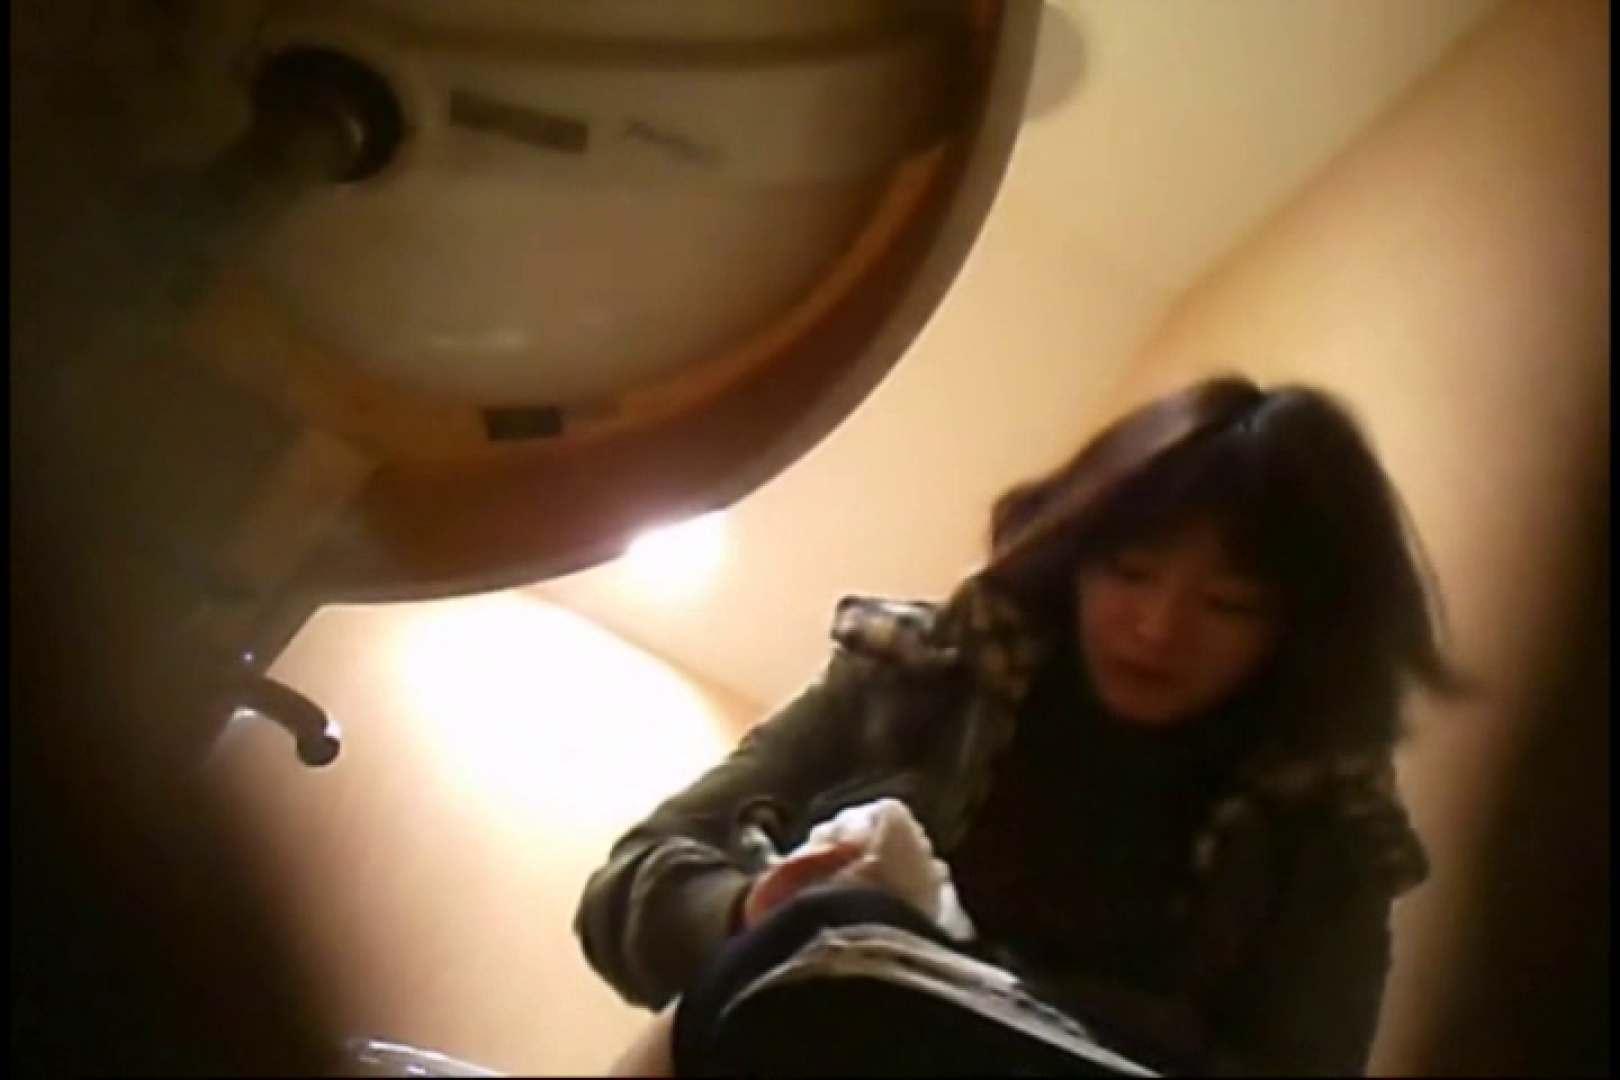 画質向上!新亀さん厠 vol.01 黄金水 ワレメ動画紹介 107PIX 19